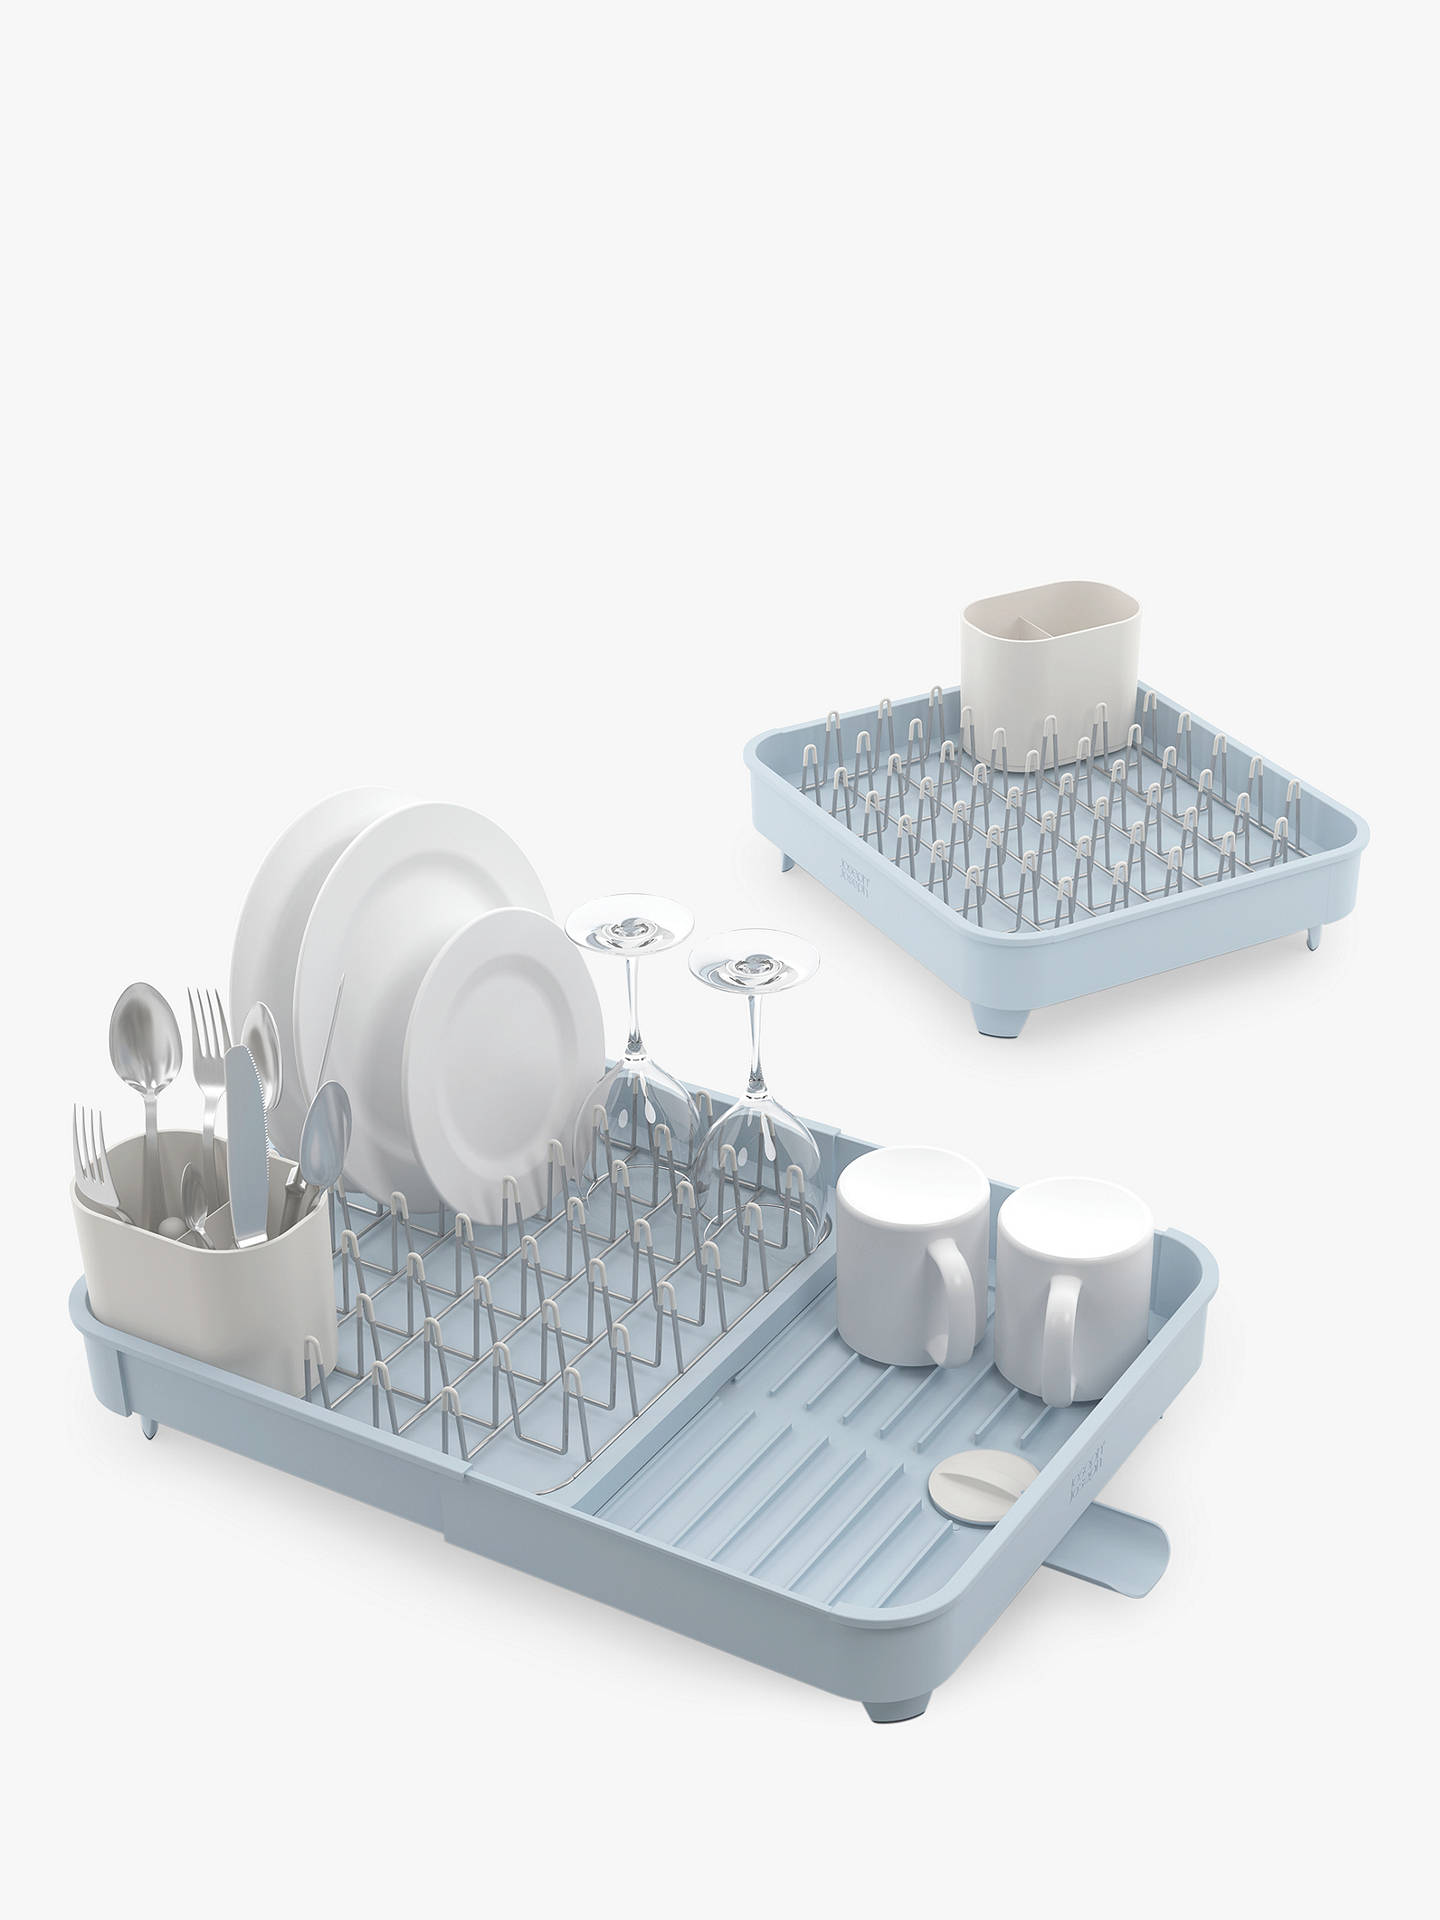 Dish Rack.Joseph Joseph Extend Expandable Dish Rack Blue Grey